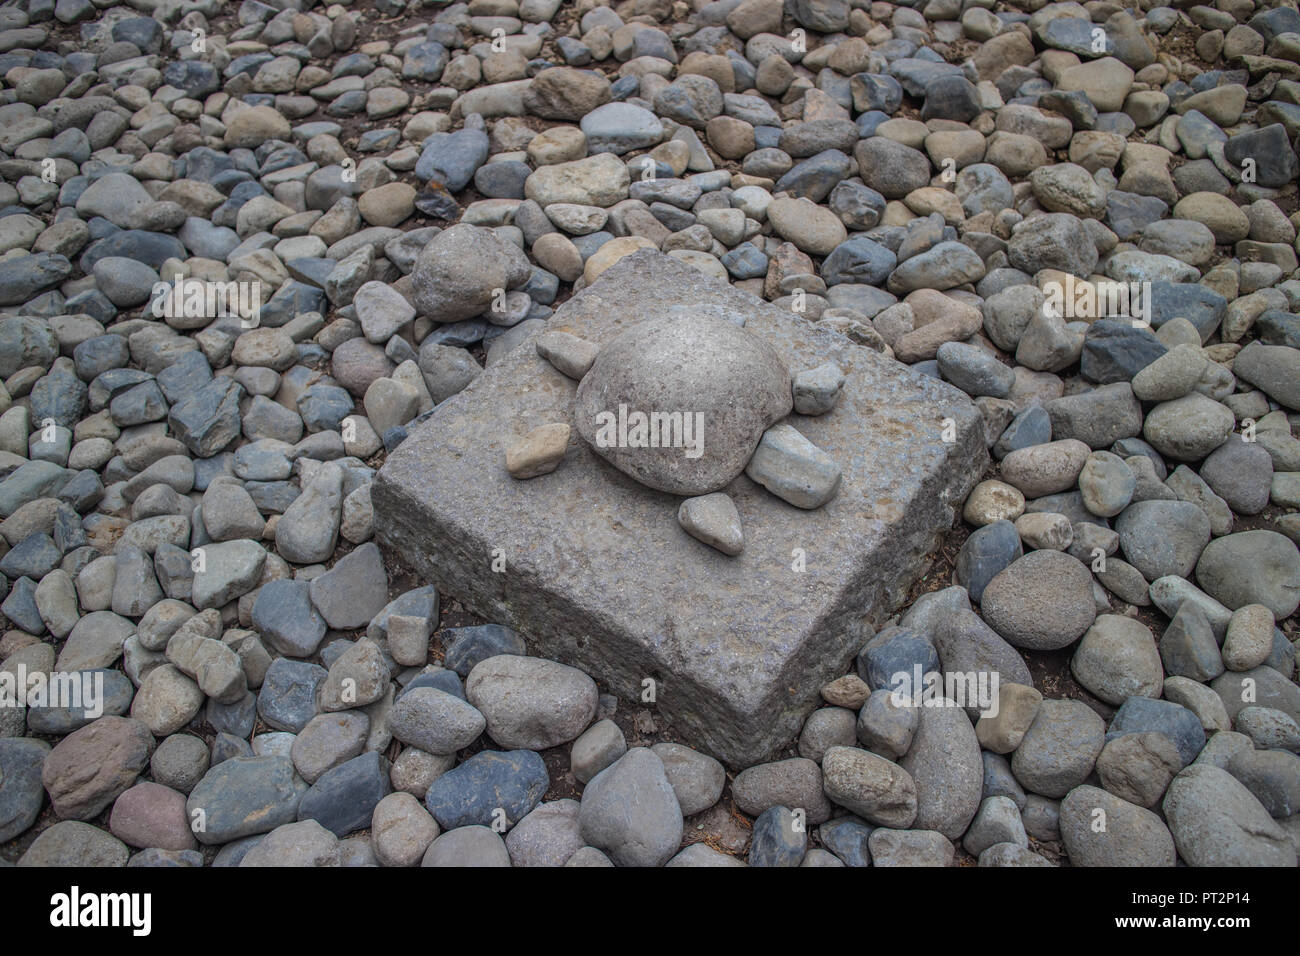 Una tortuga de piedra - Stock Image